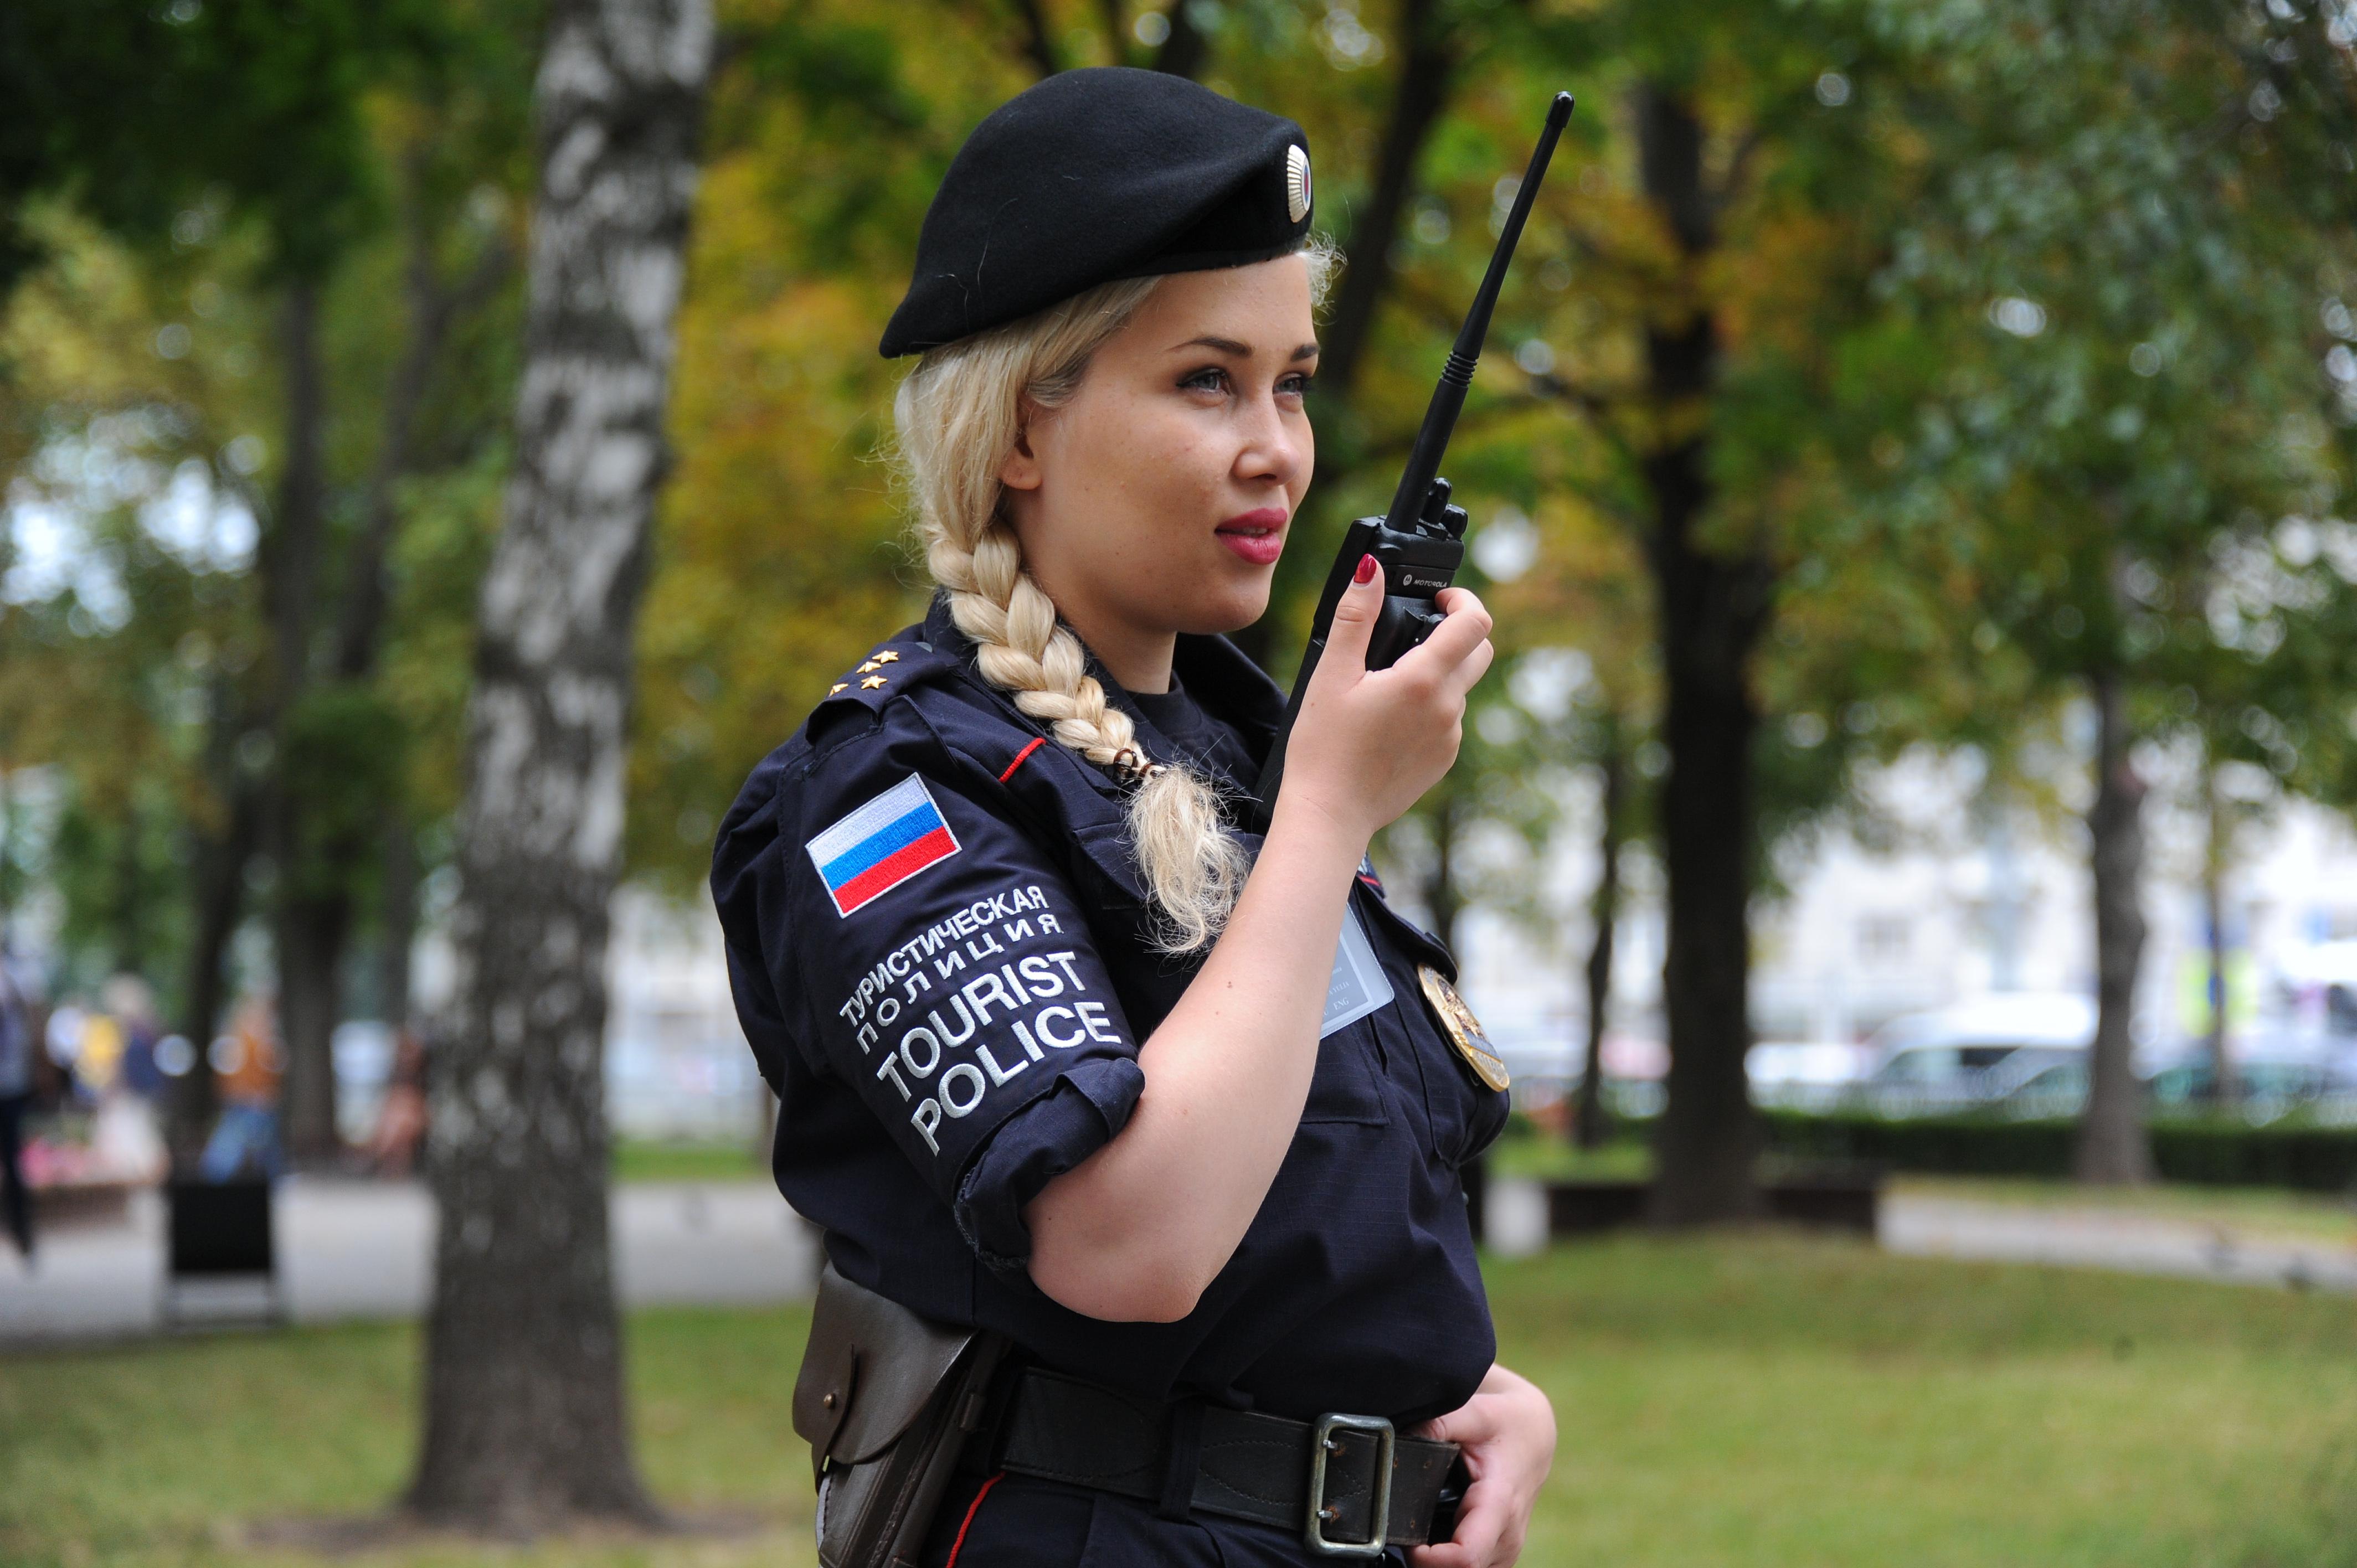 Полицейские района Чертаново Северное задержали подозреваемых в грабеже